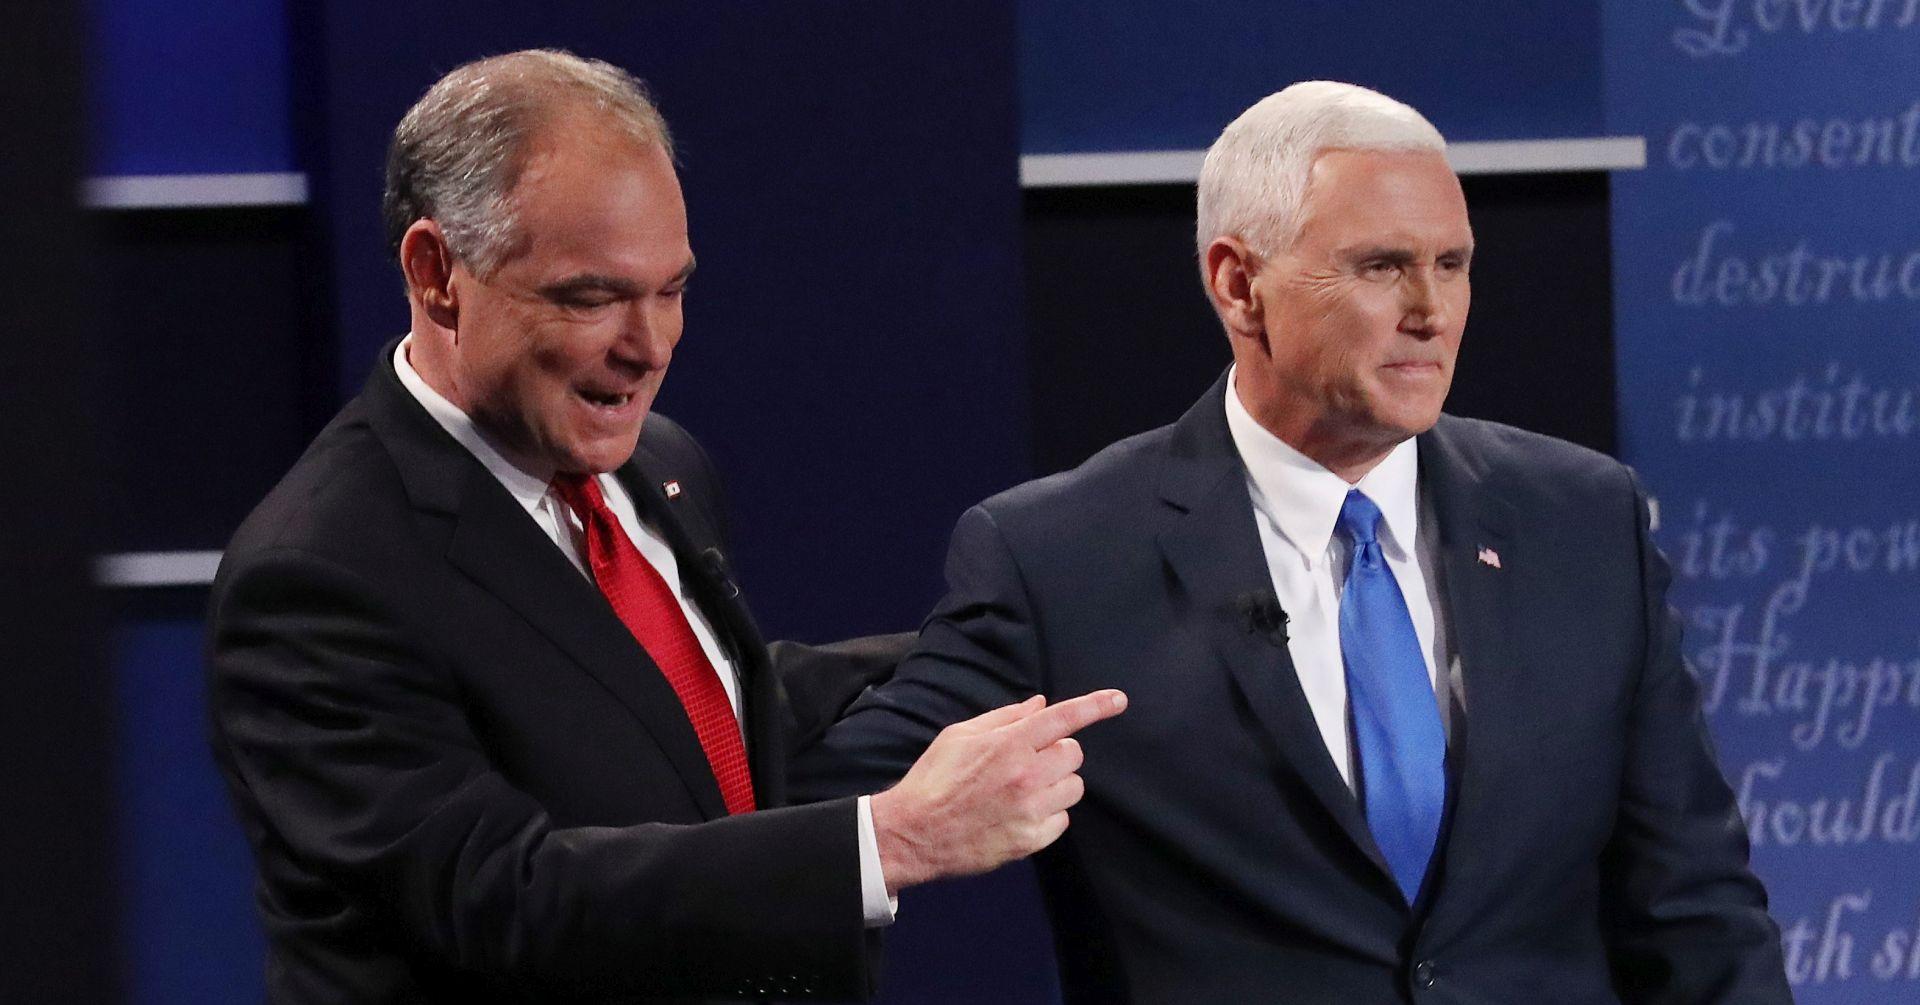 Potpredsjednička debata imala upola manju gledanost od one Trumpa i Clinton